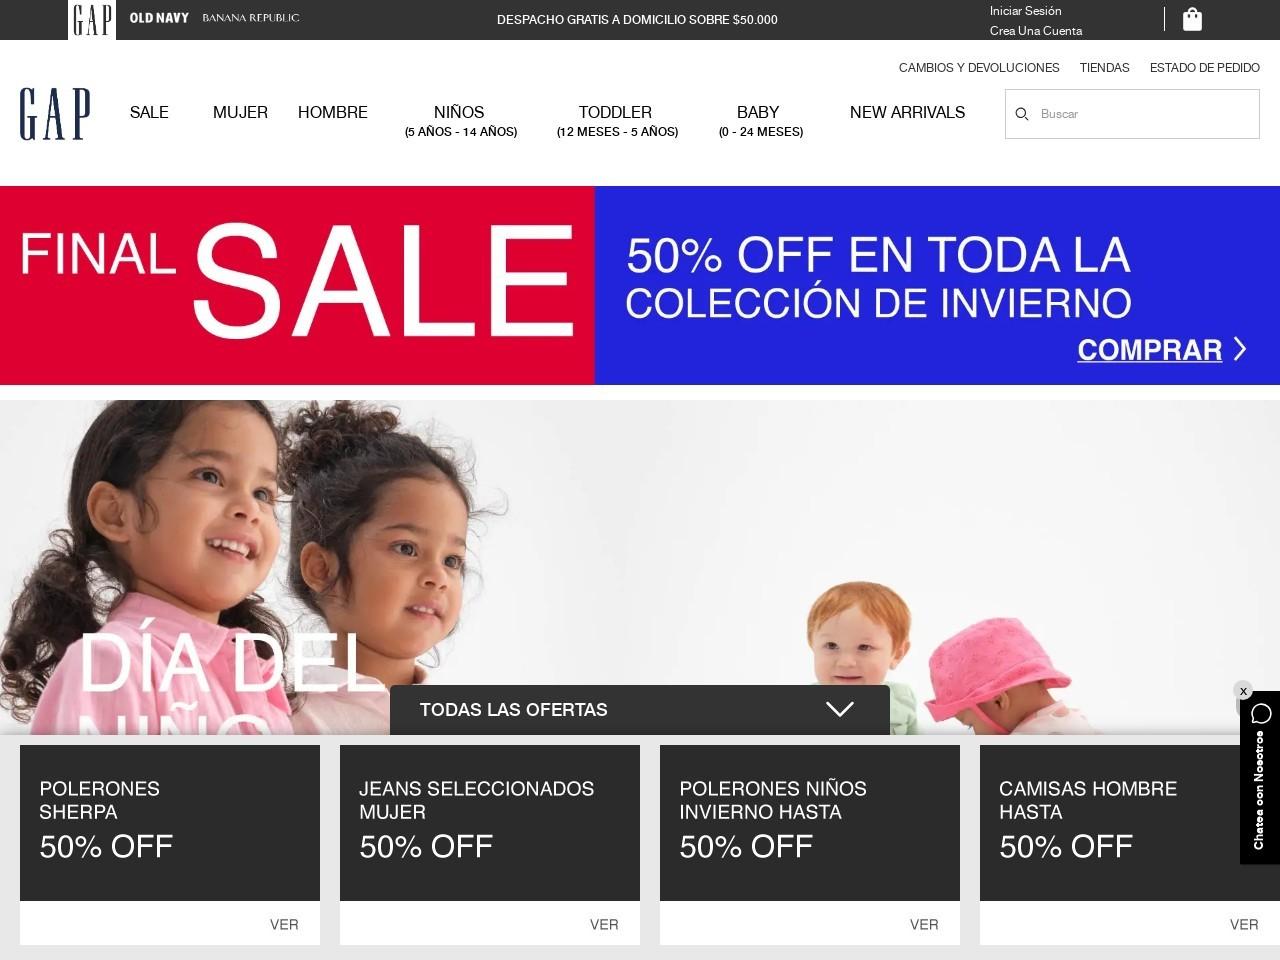 Gap Chile